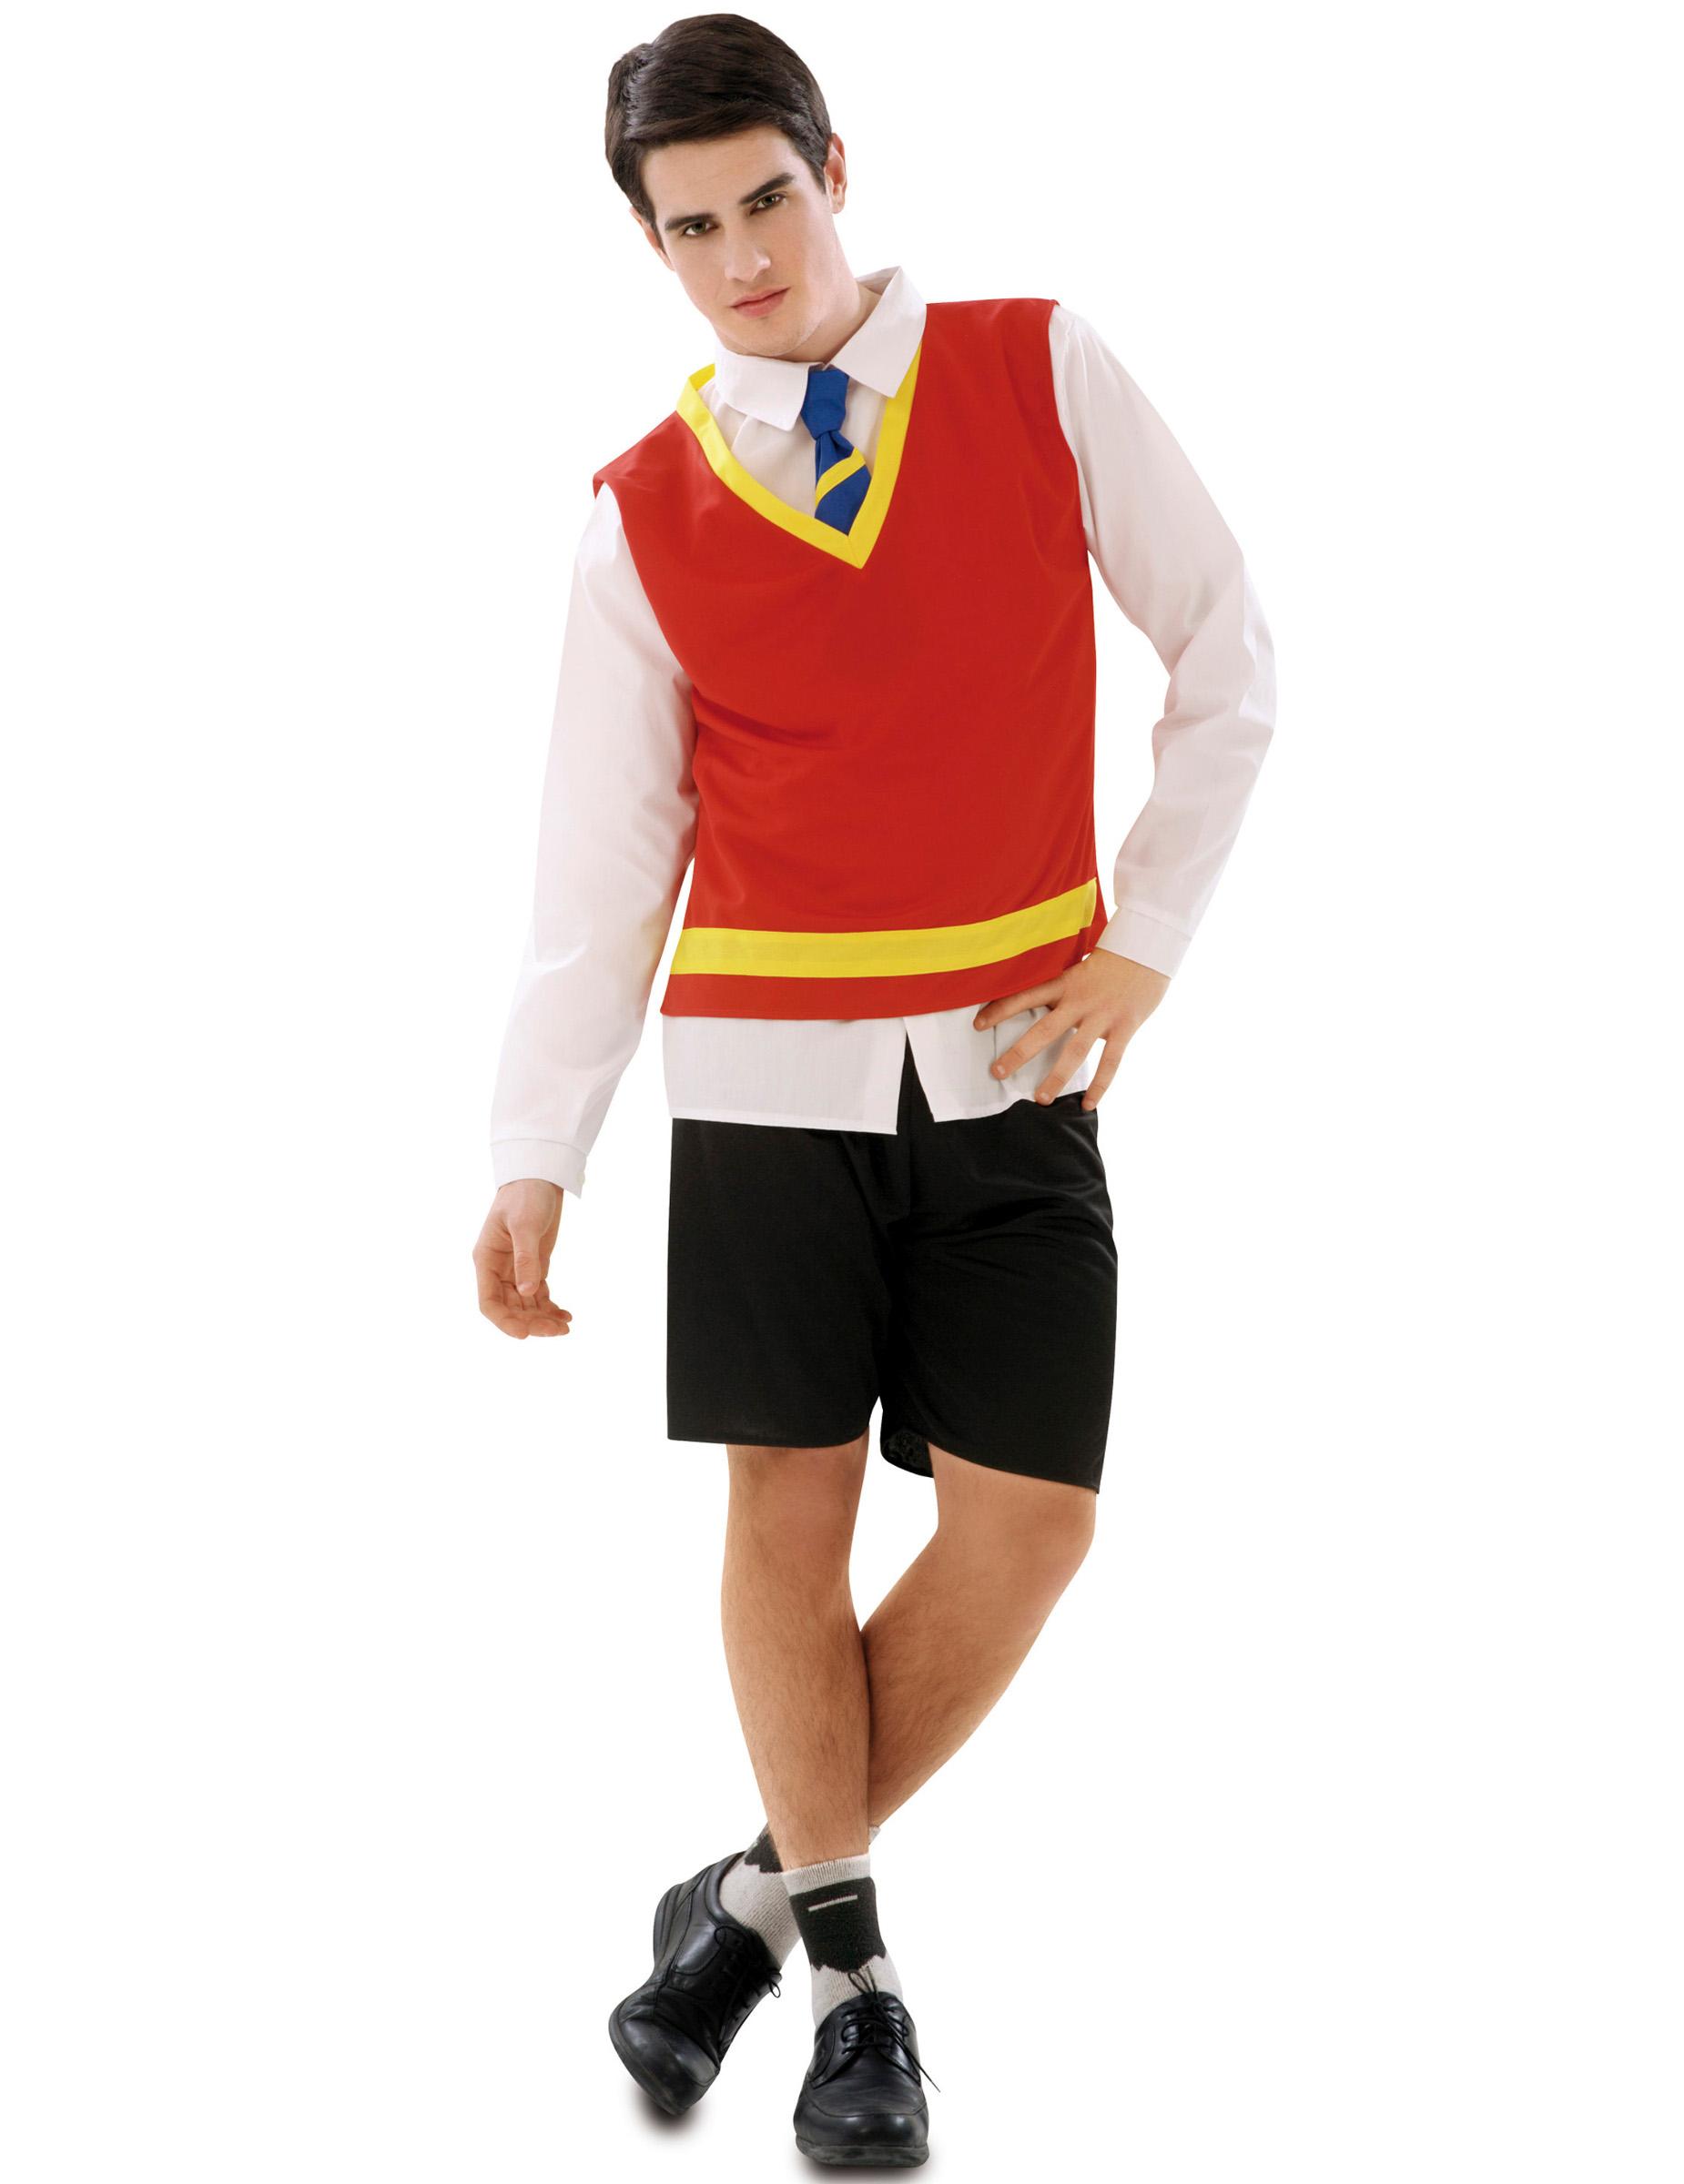 Ecolier déguisement écolier homme : deguise-toi, achat de déguisements adultes